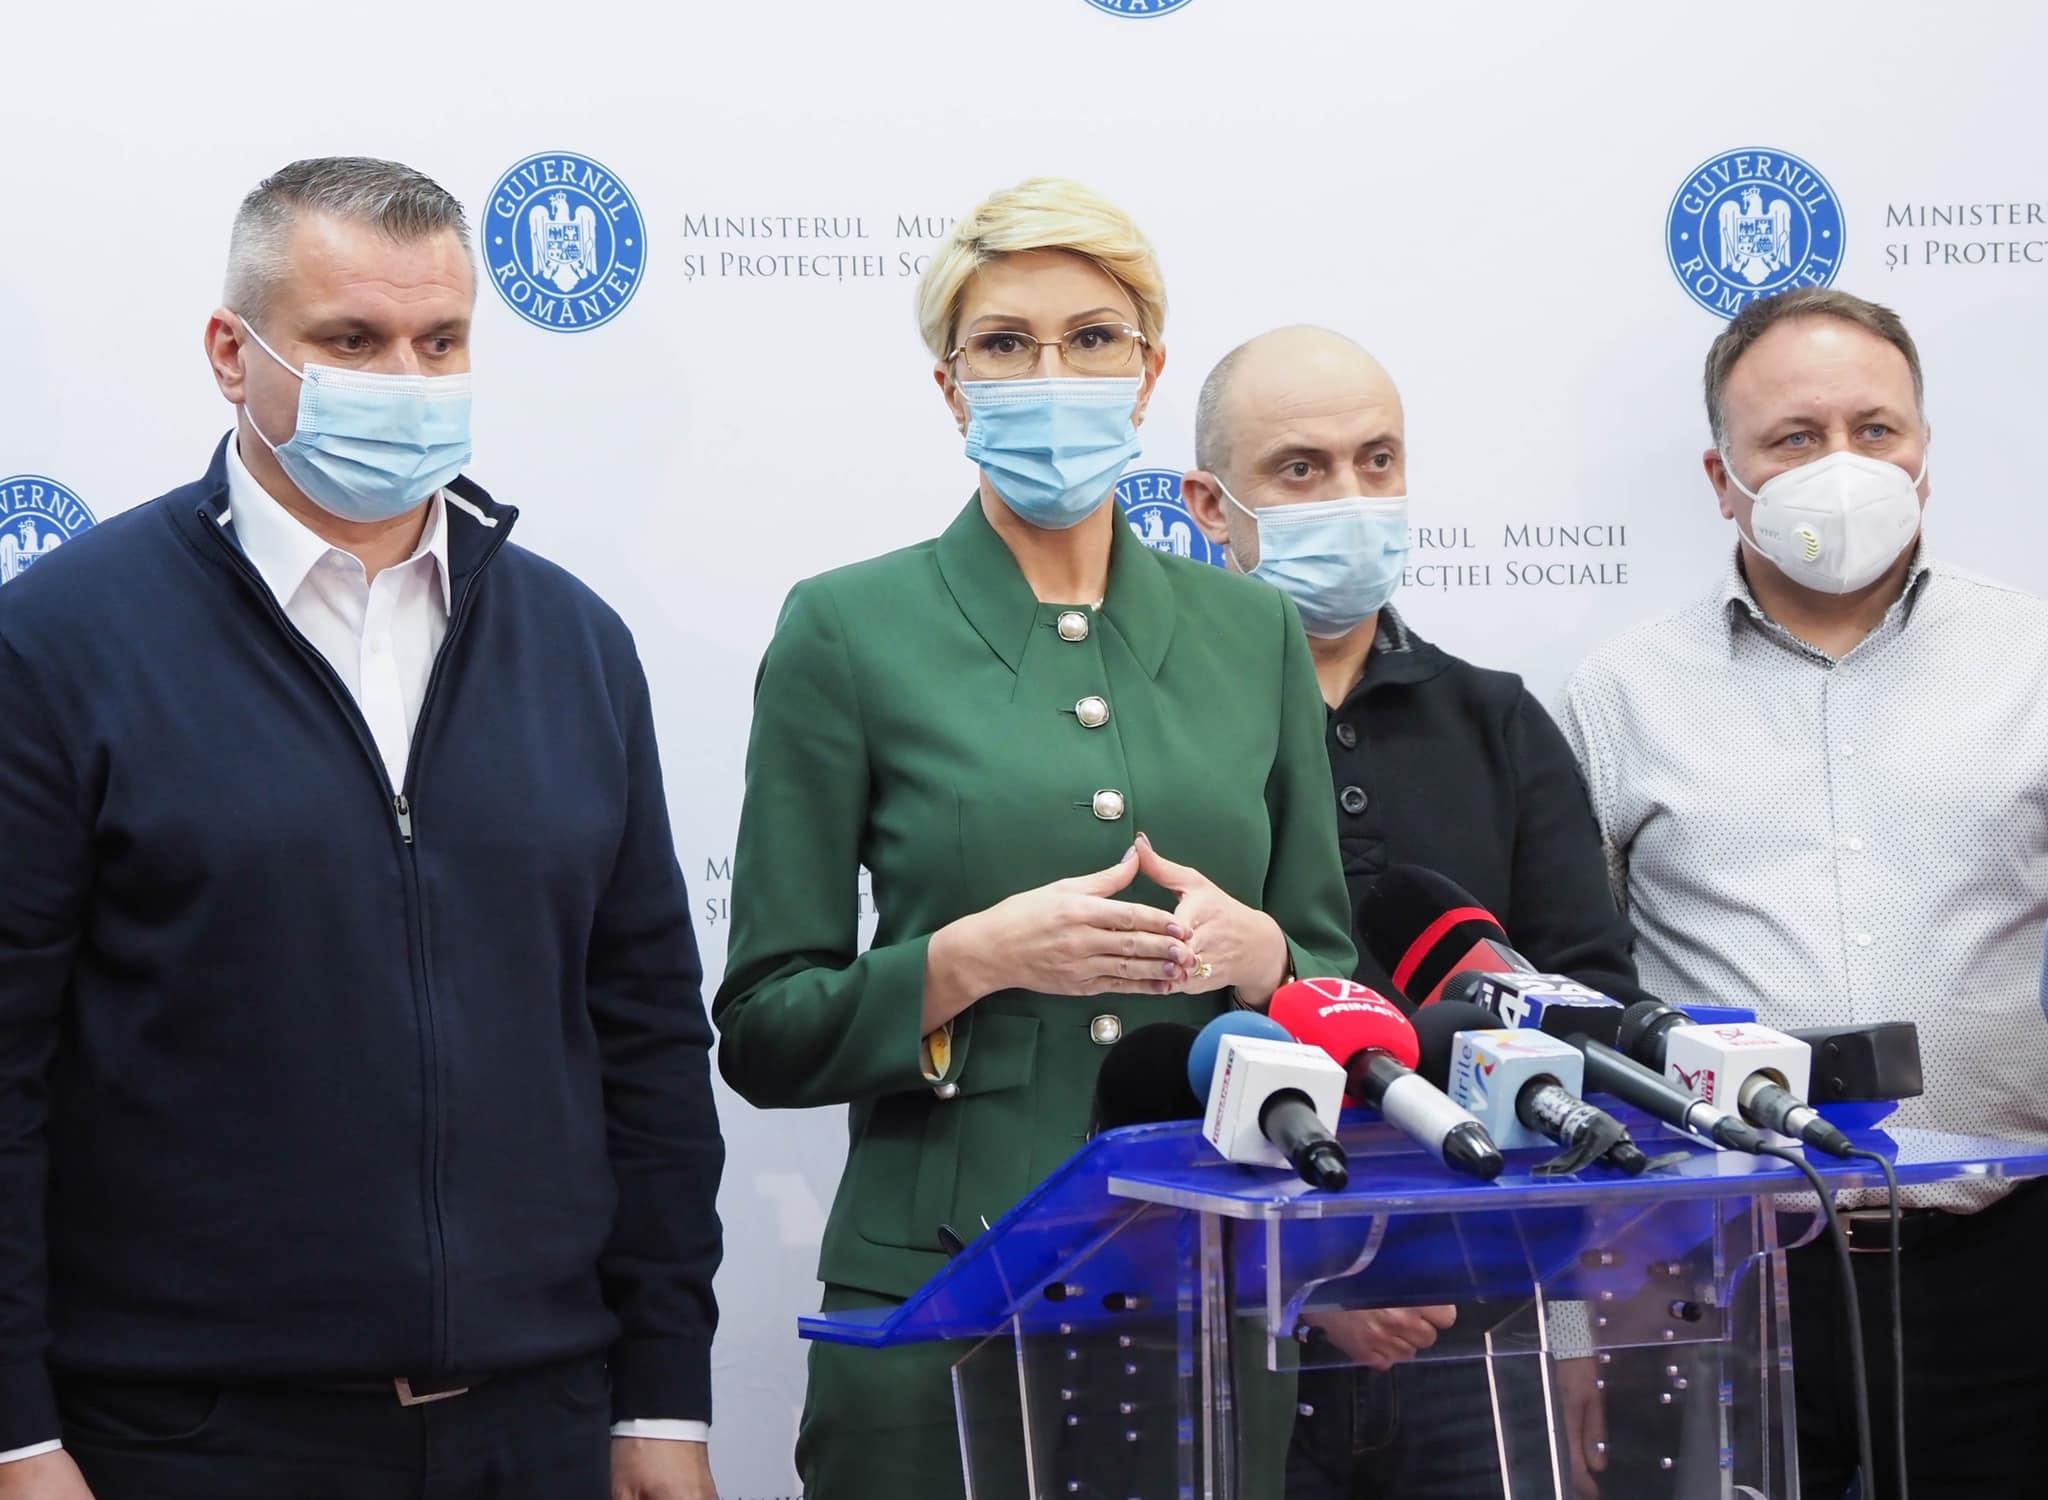 """Ministrul Muncii, Raluca Turcan: """"Minerii îşi vor primi banii în zilele de 25 şi 26 februarie"""". Ortacii blocaţi în subteran au cerut confirmarea în scris, """"negru pe alb"""""""